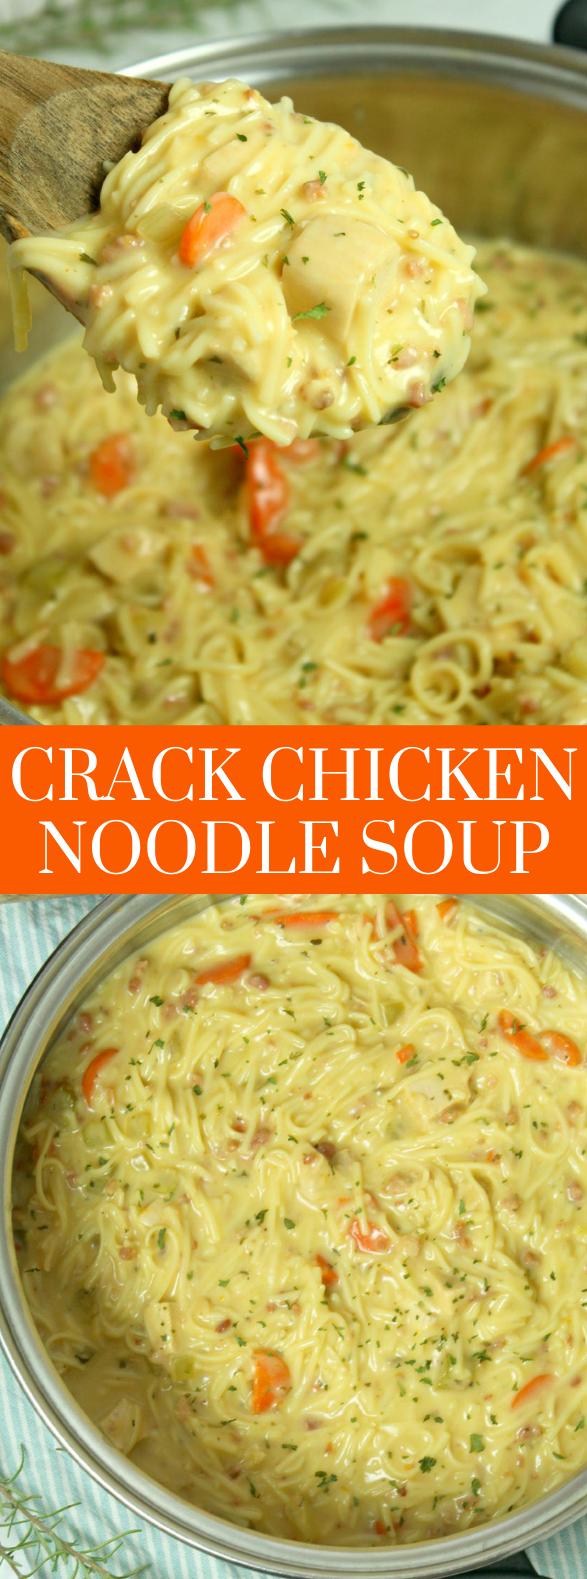 Crack Chicken Noodle Soup #dinner #recipes images